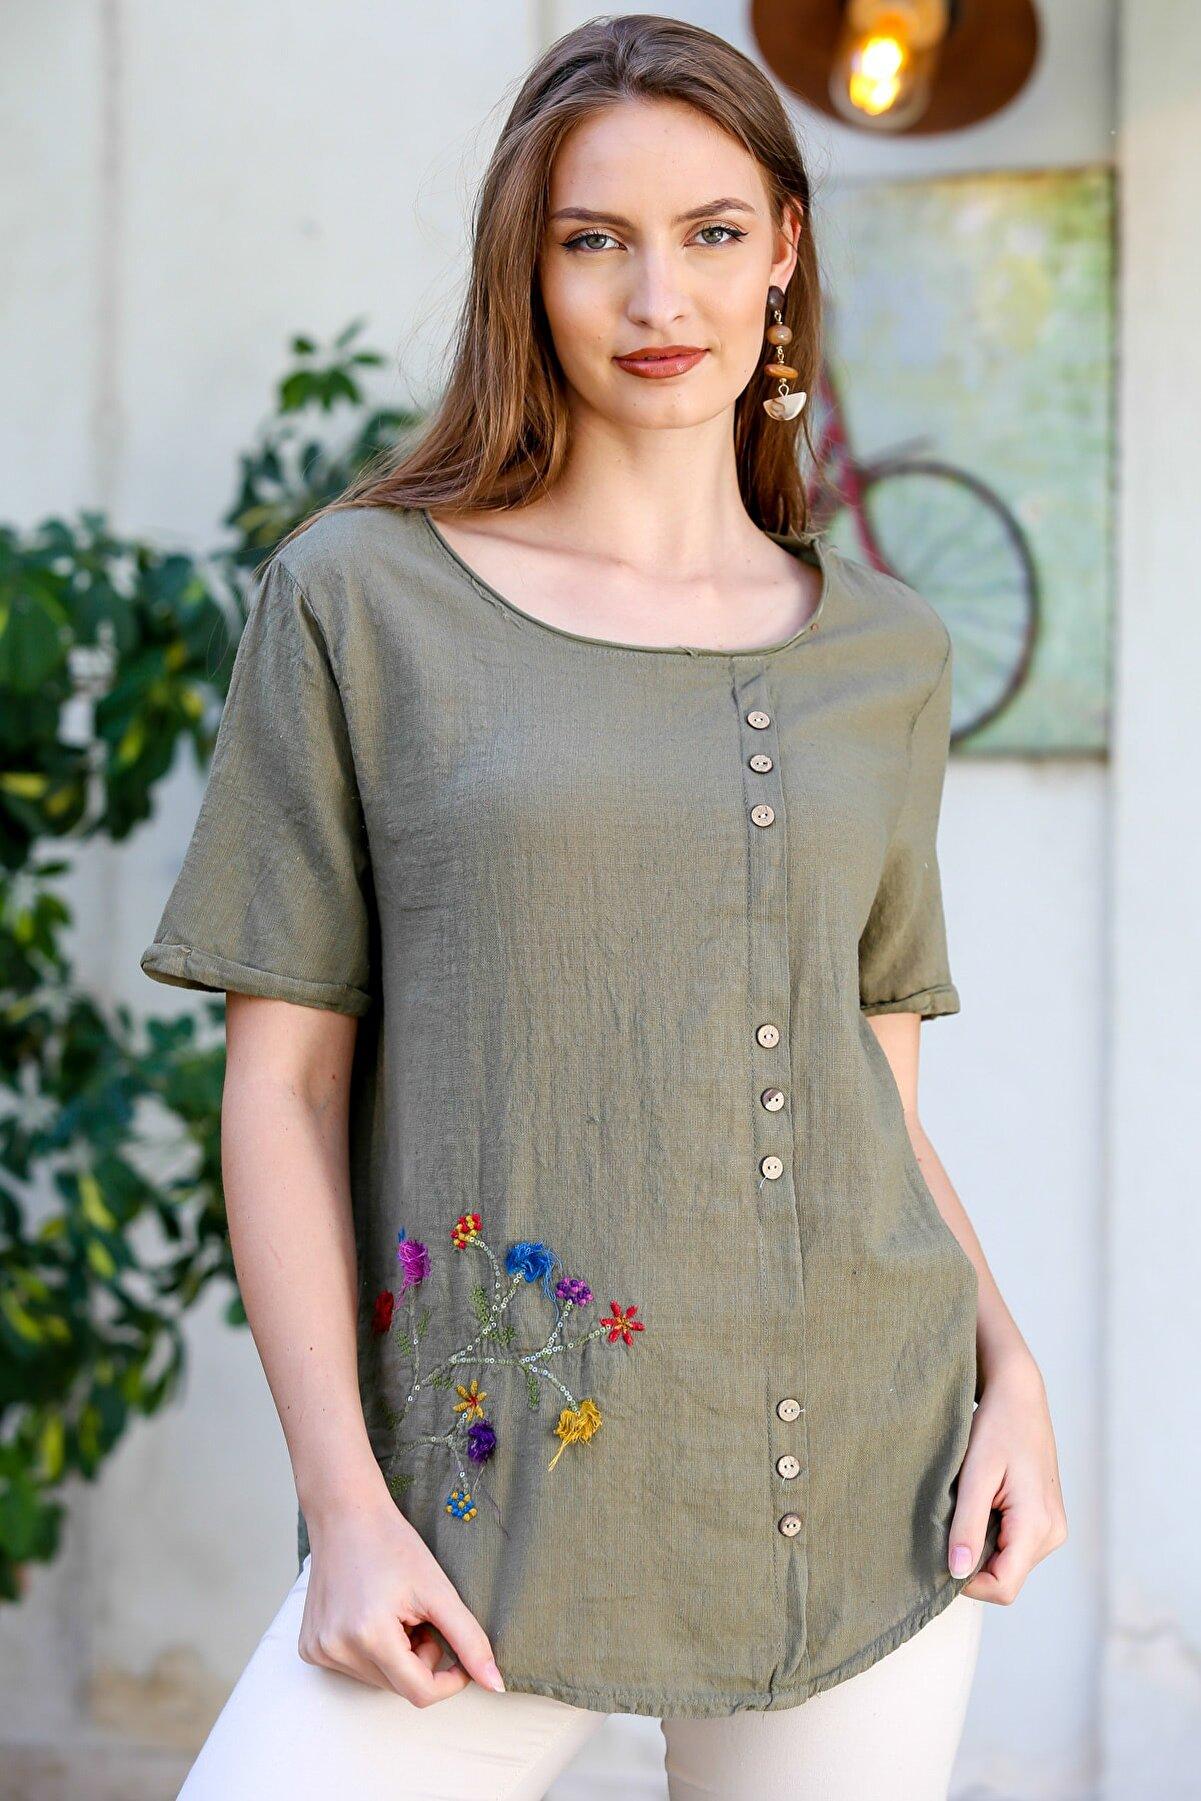 Chiccy Kadın Haki Çiçek Buketi 3D Nakışlı Düğme Detaylı Salaş Dokuma Bluz M10010200BL95280